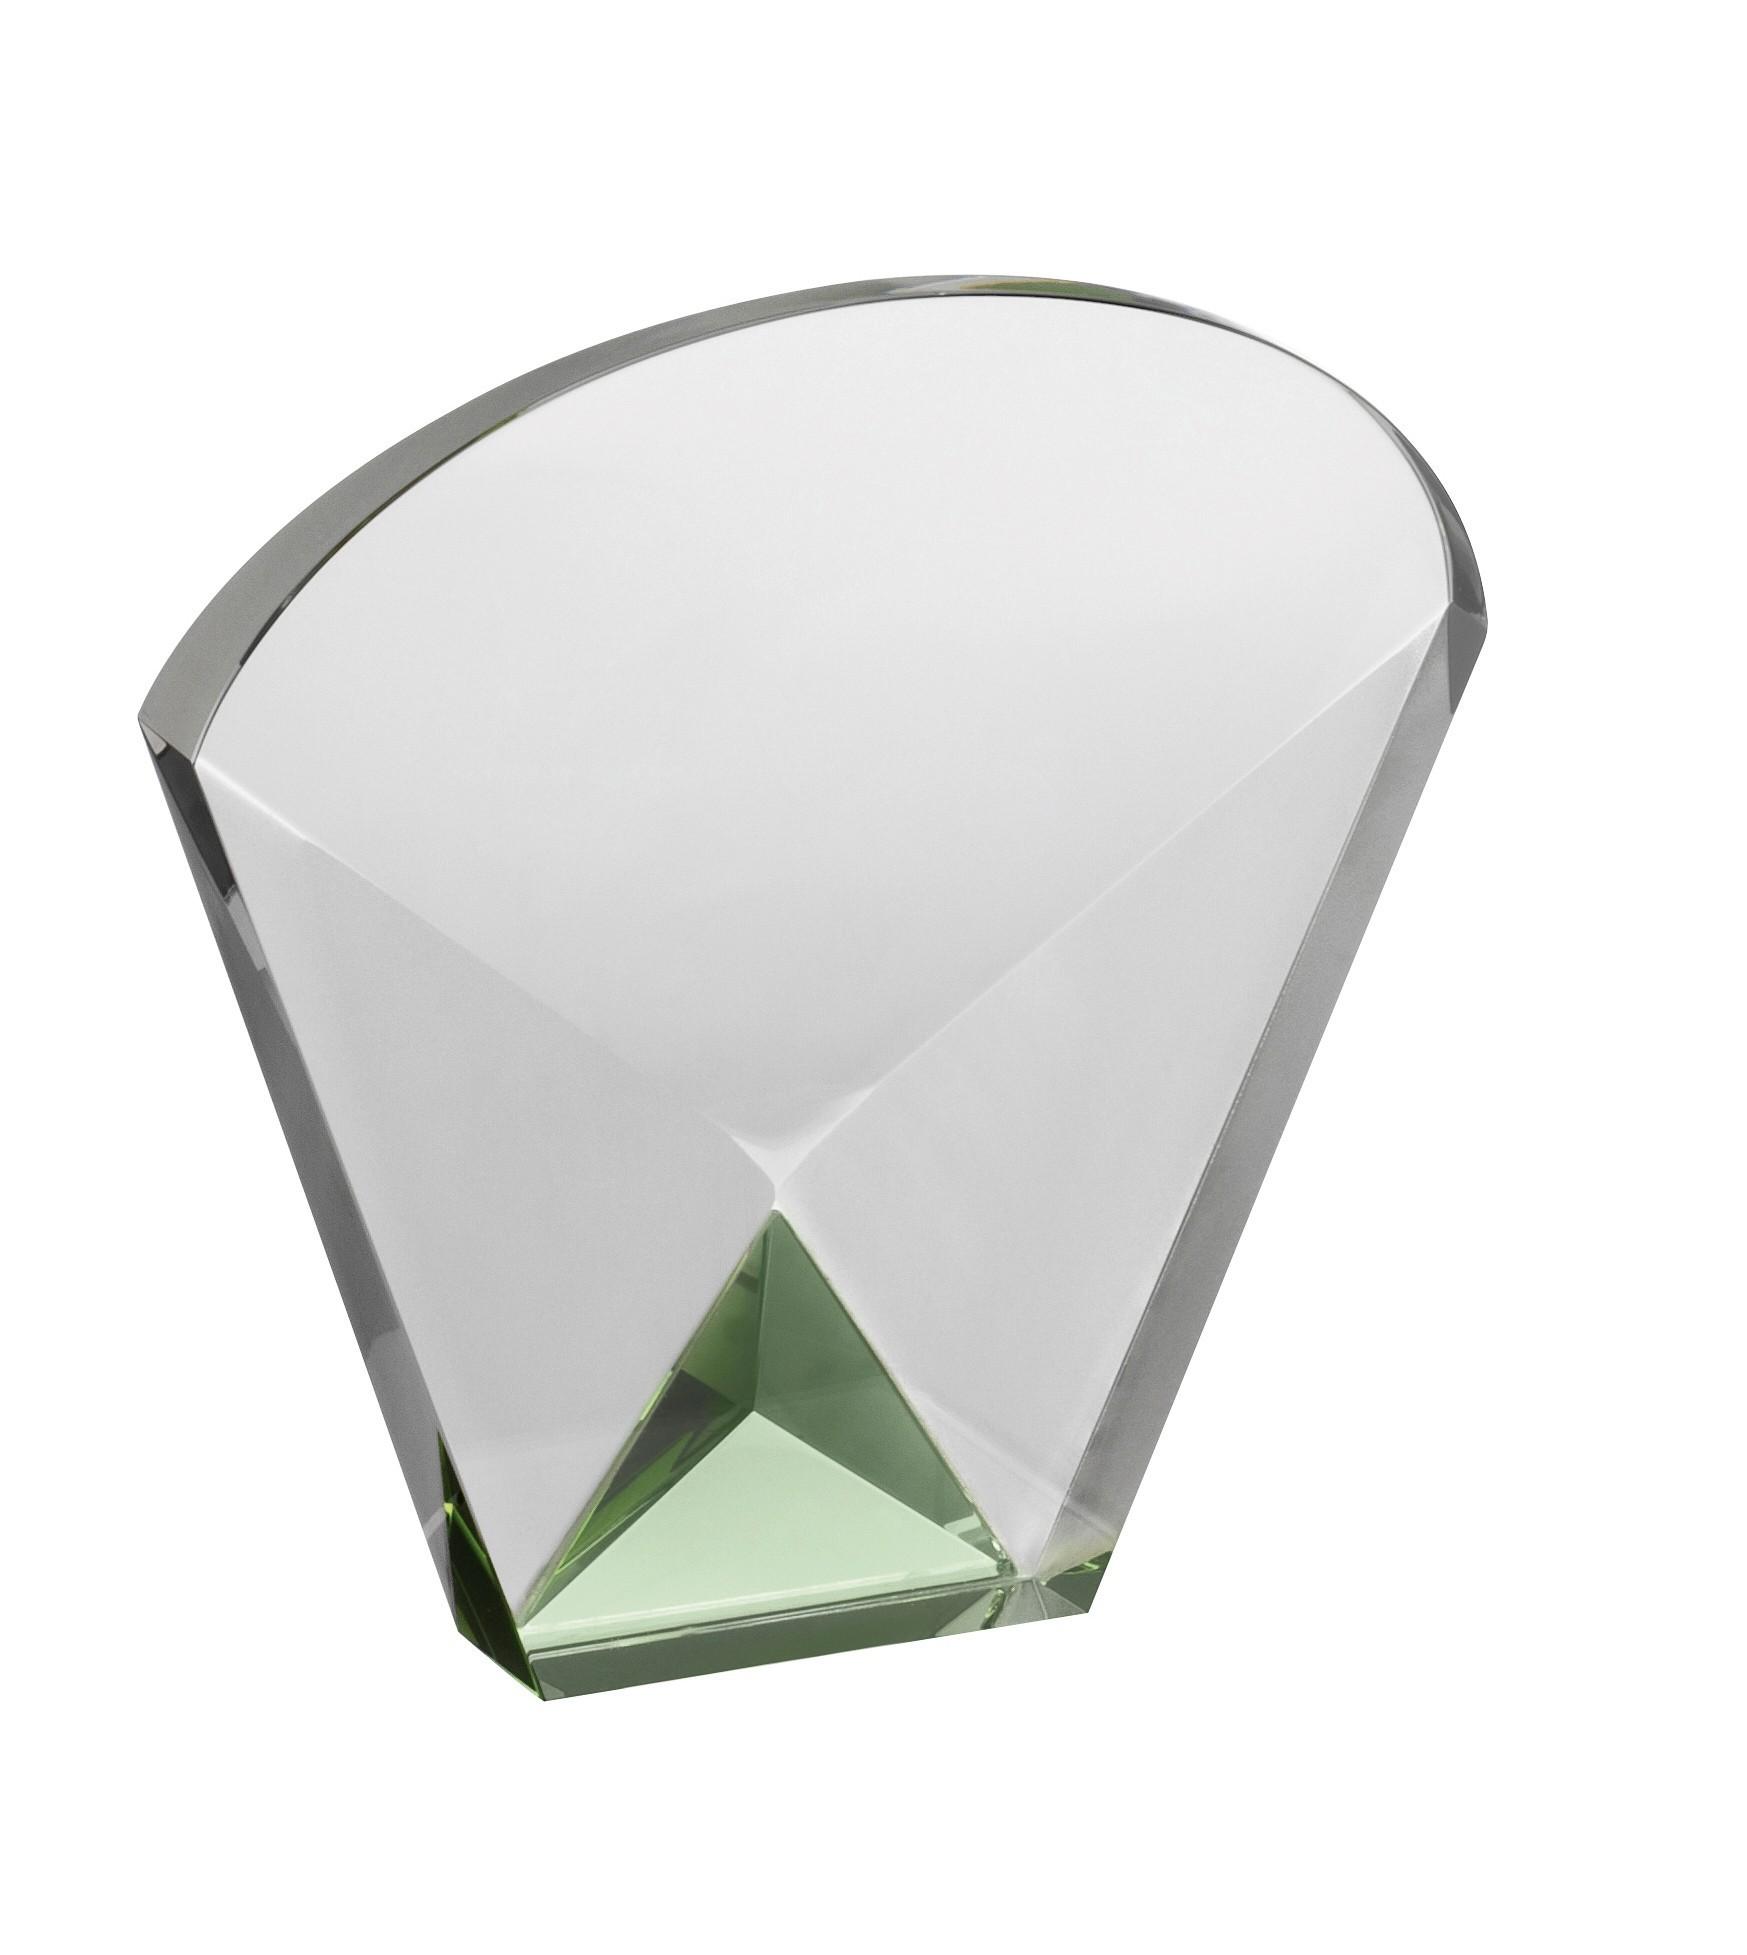 LG 14cm Crystal Award Boxed